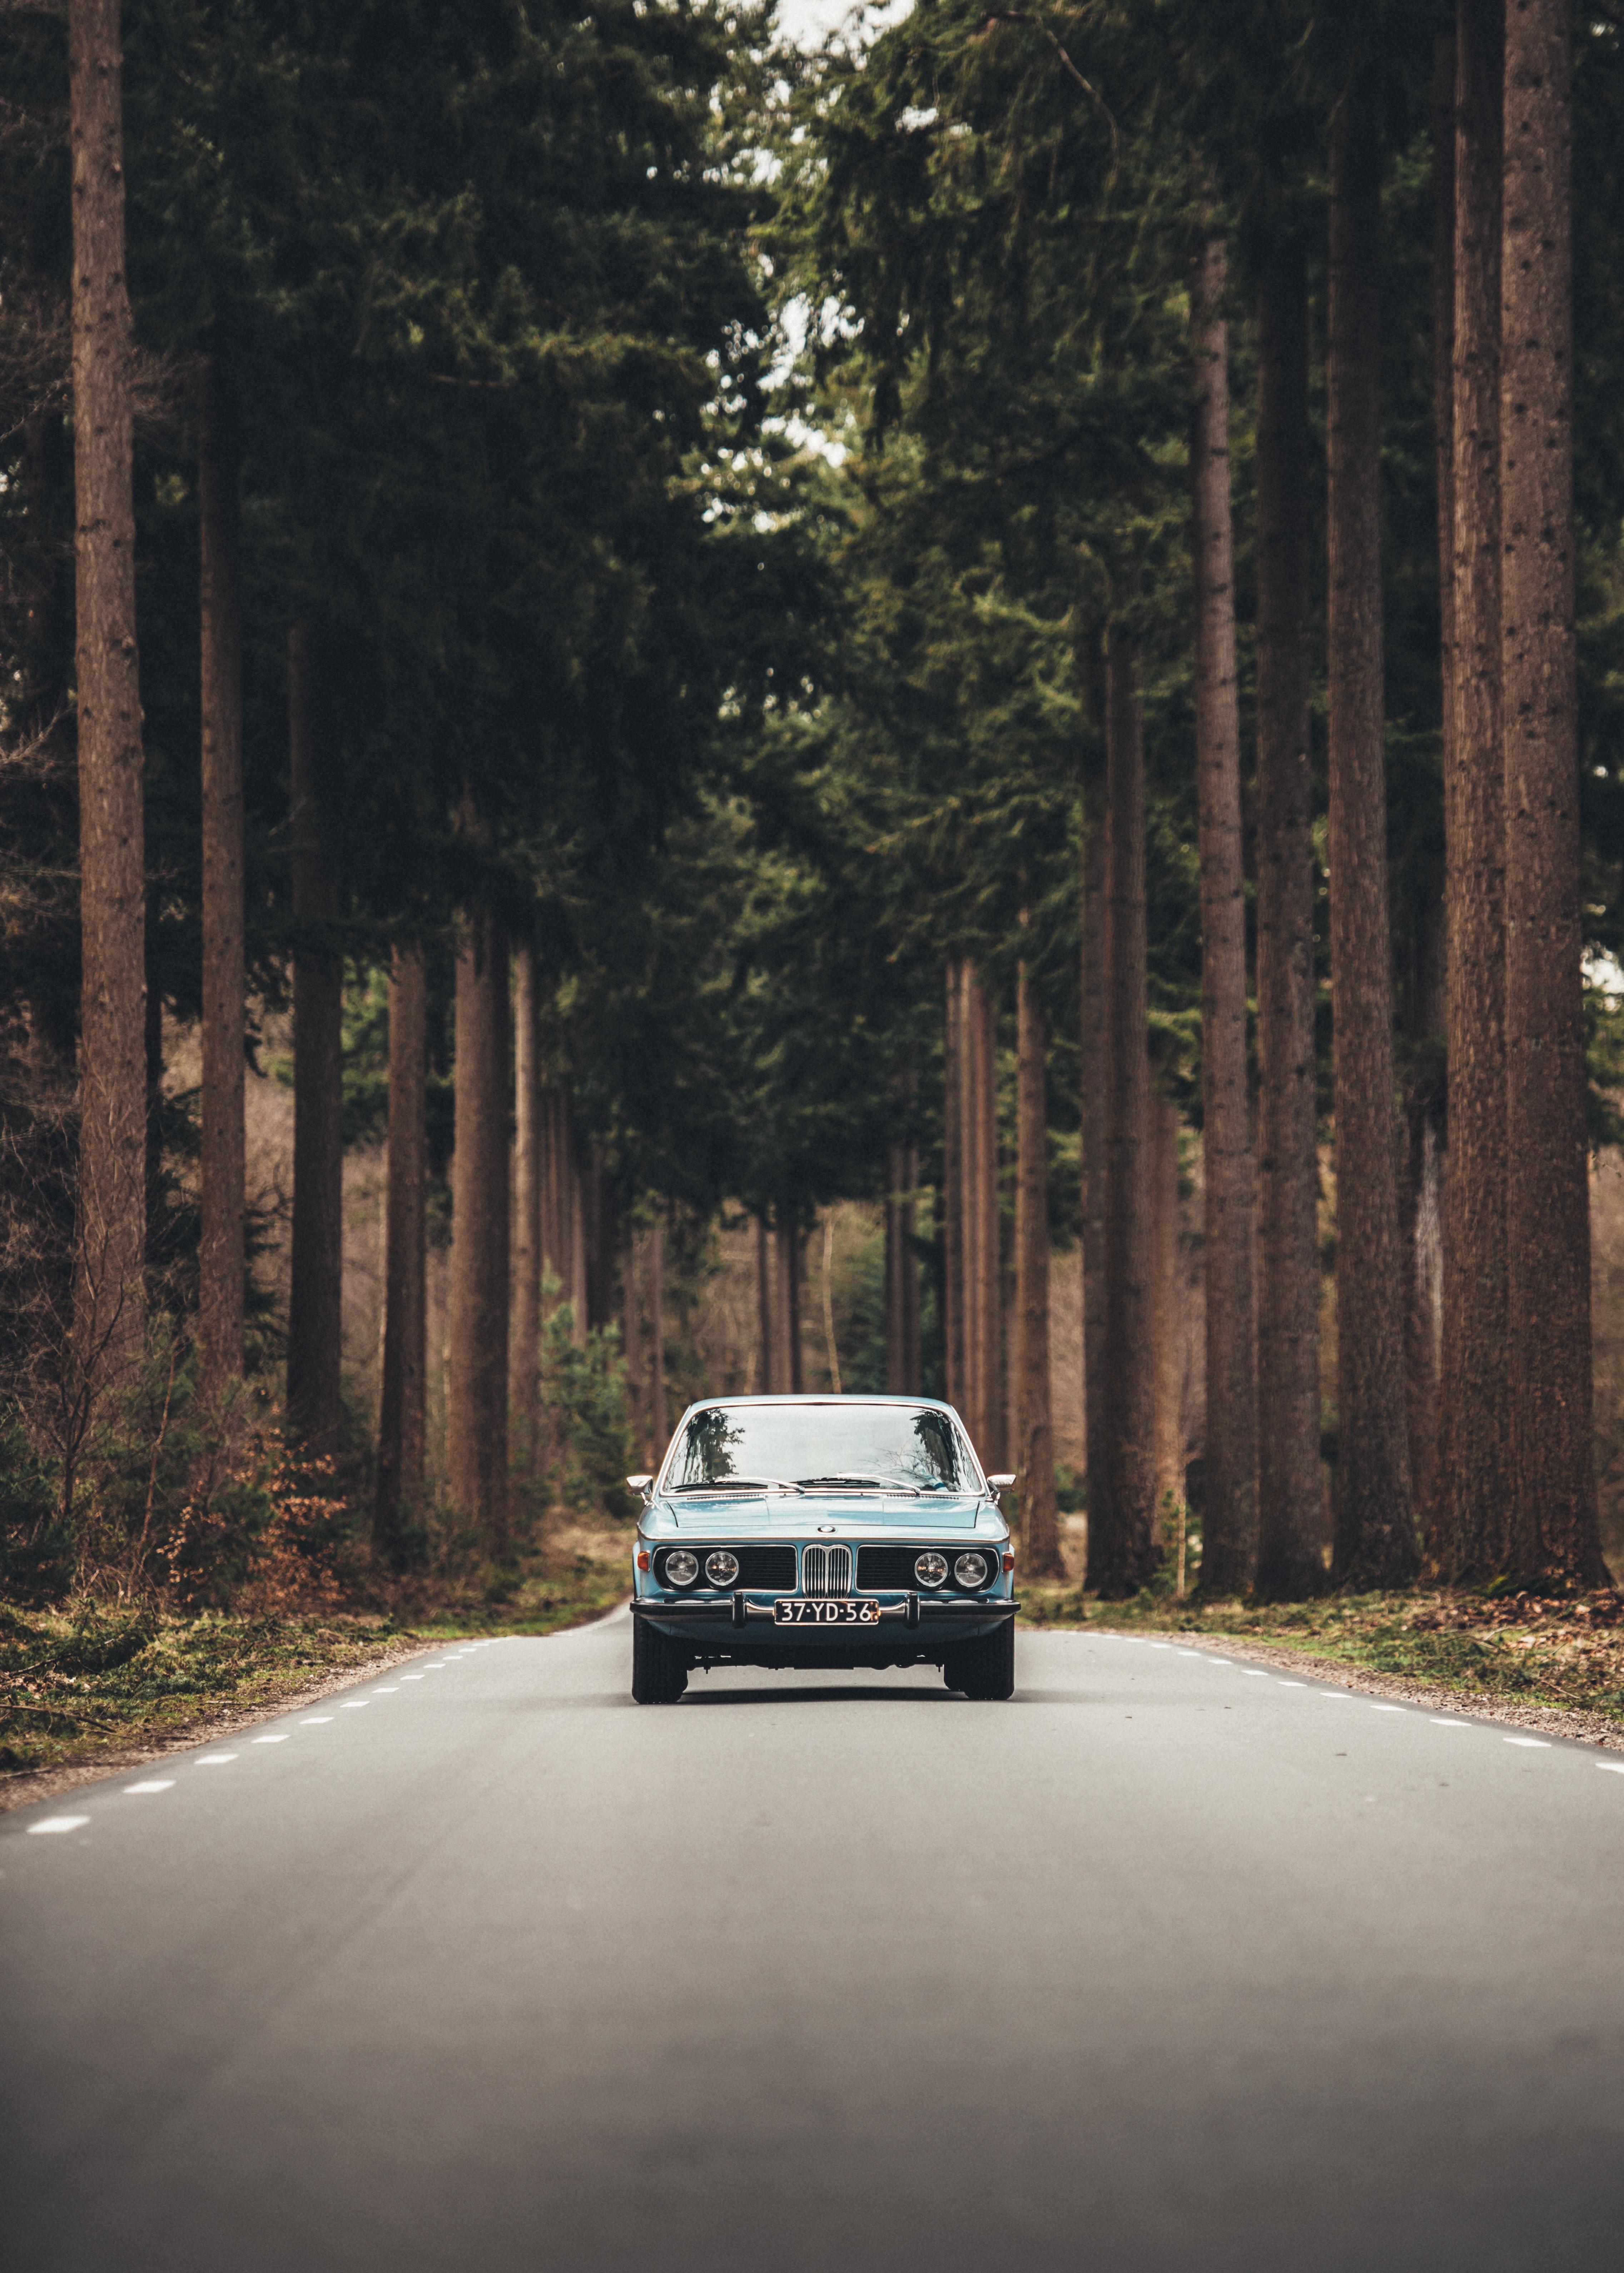 124791 скачать обои Тачки (Cars), Машины, Дорога, Вид Спереди, Деревья - заставки и картинки бесплатно